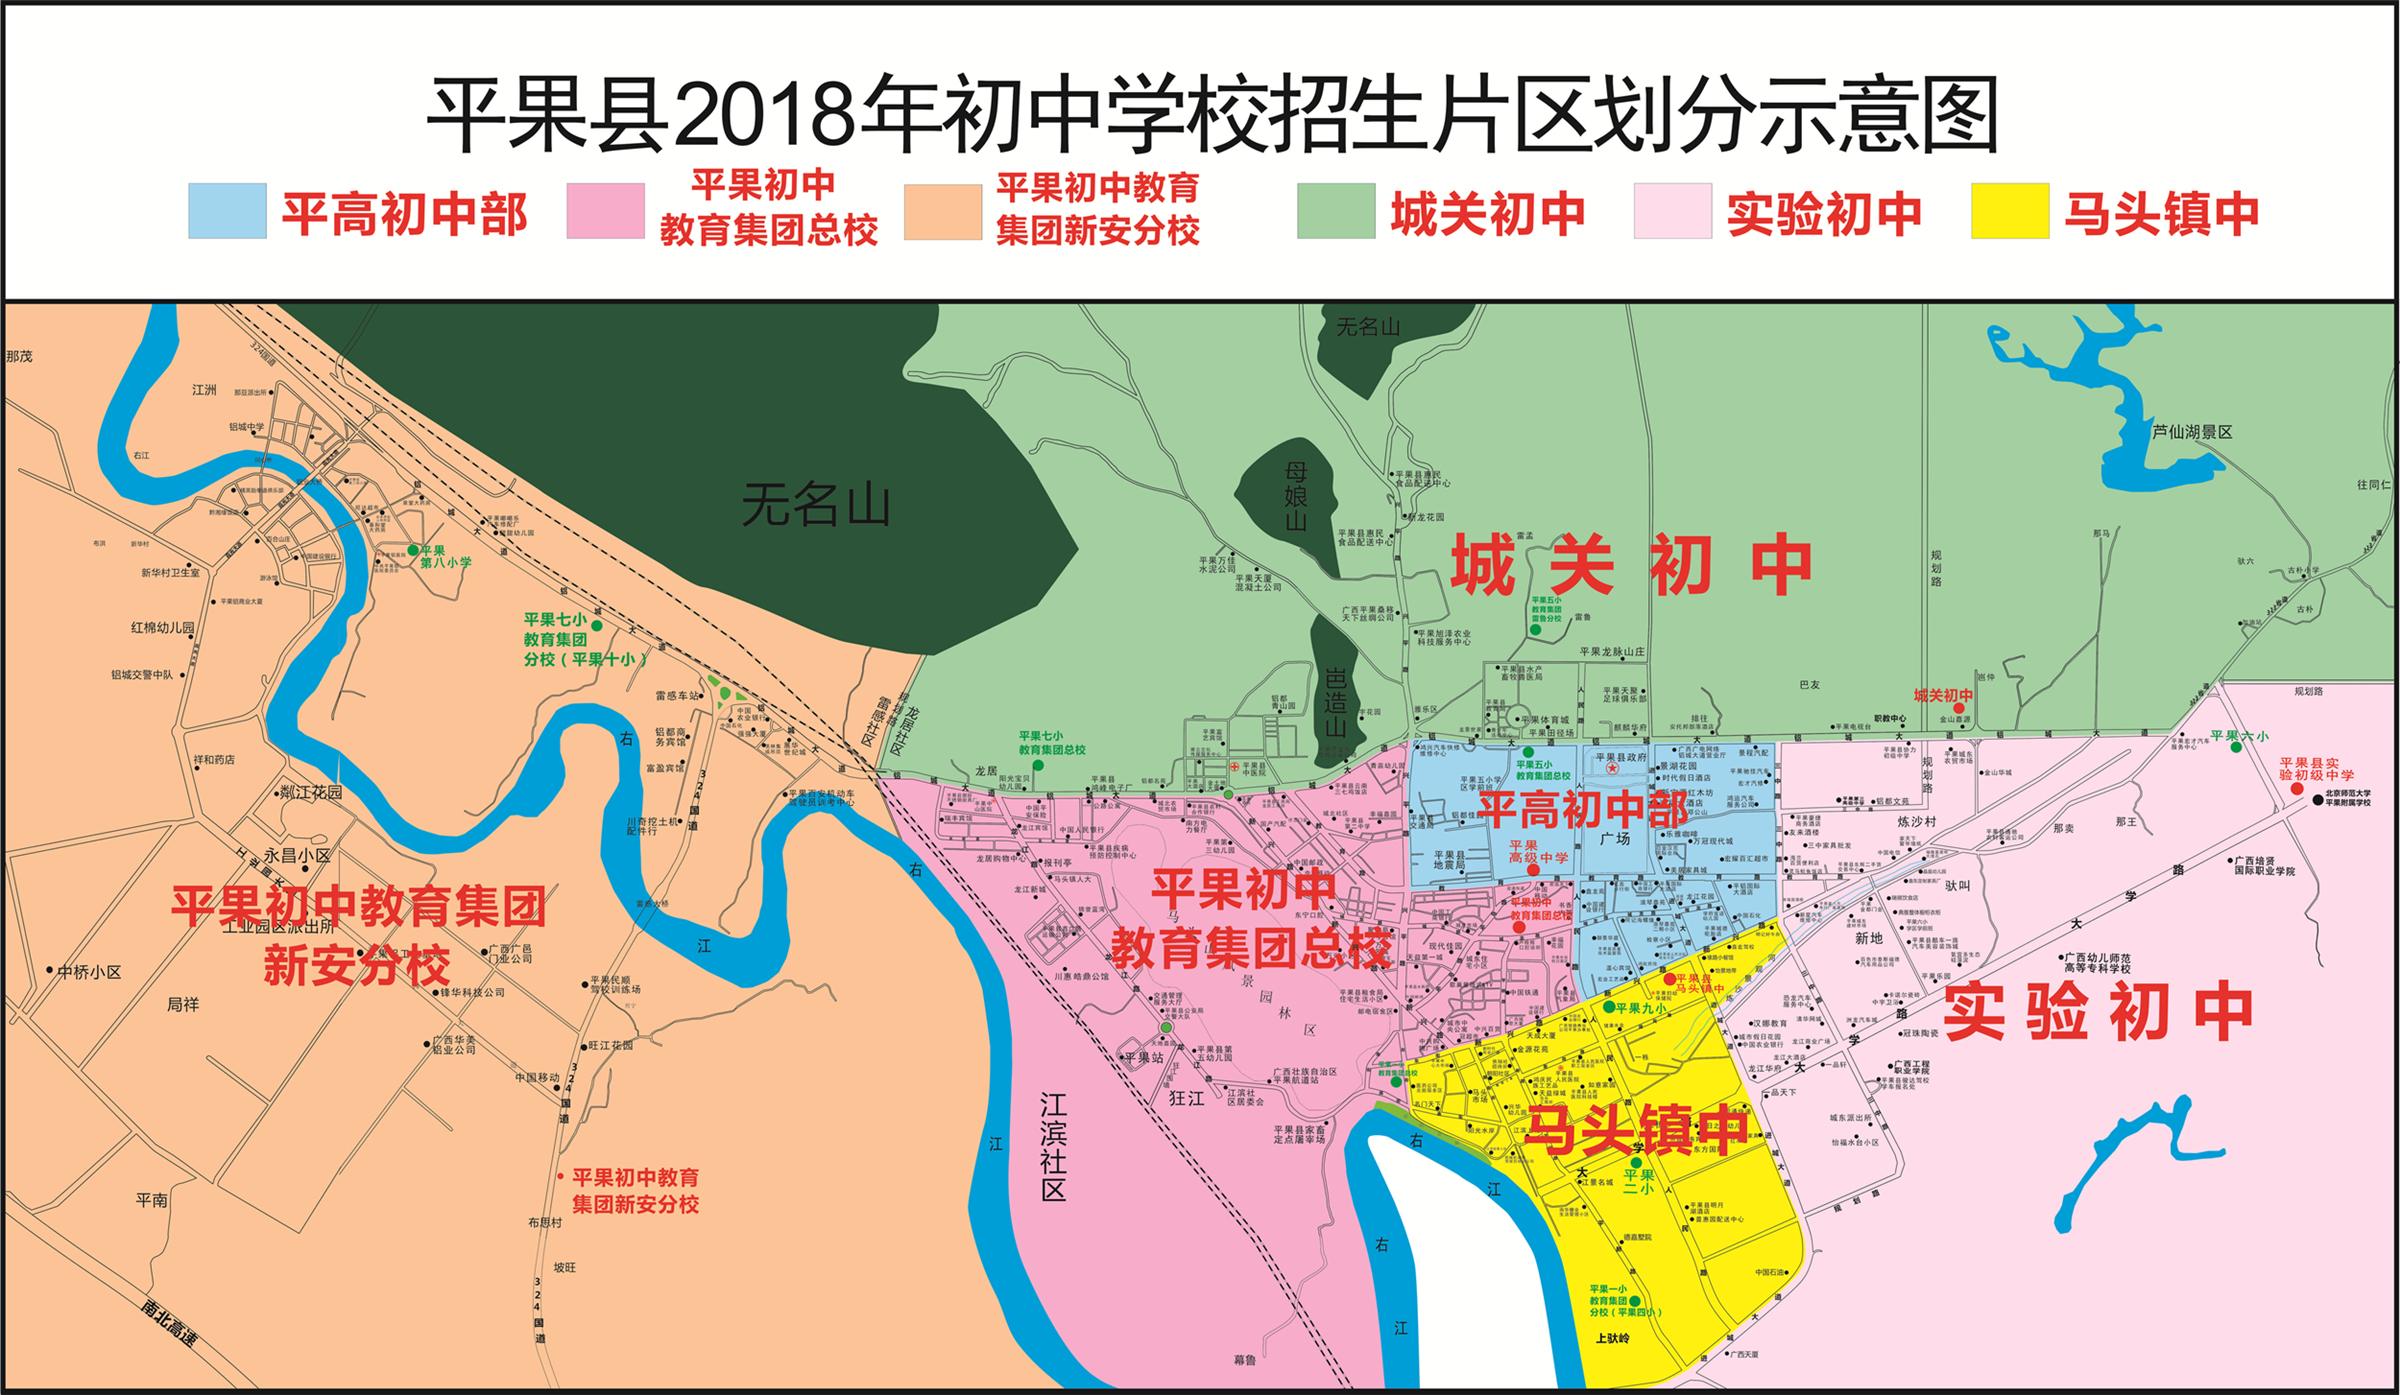 附件2:平果县2018年初中学校招生片区划分示意图.jpg